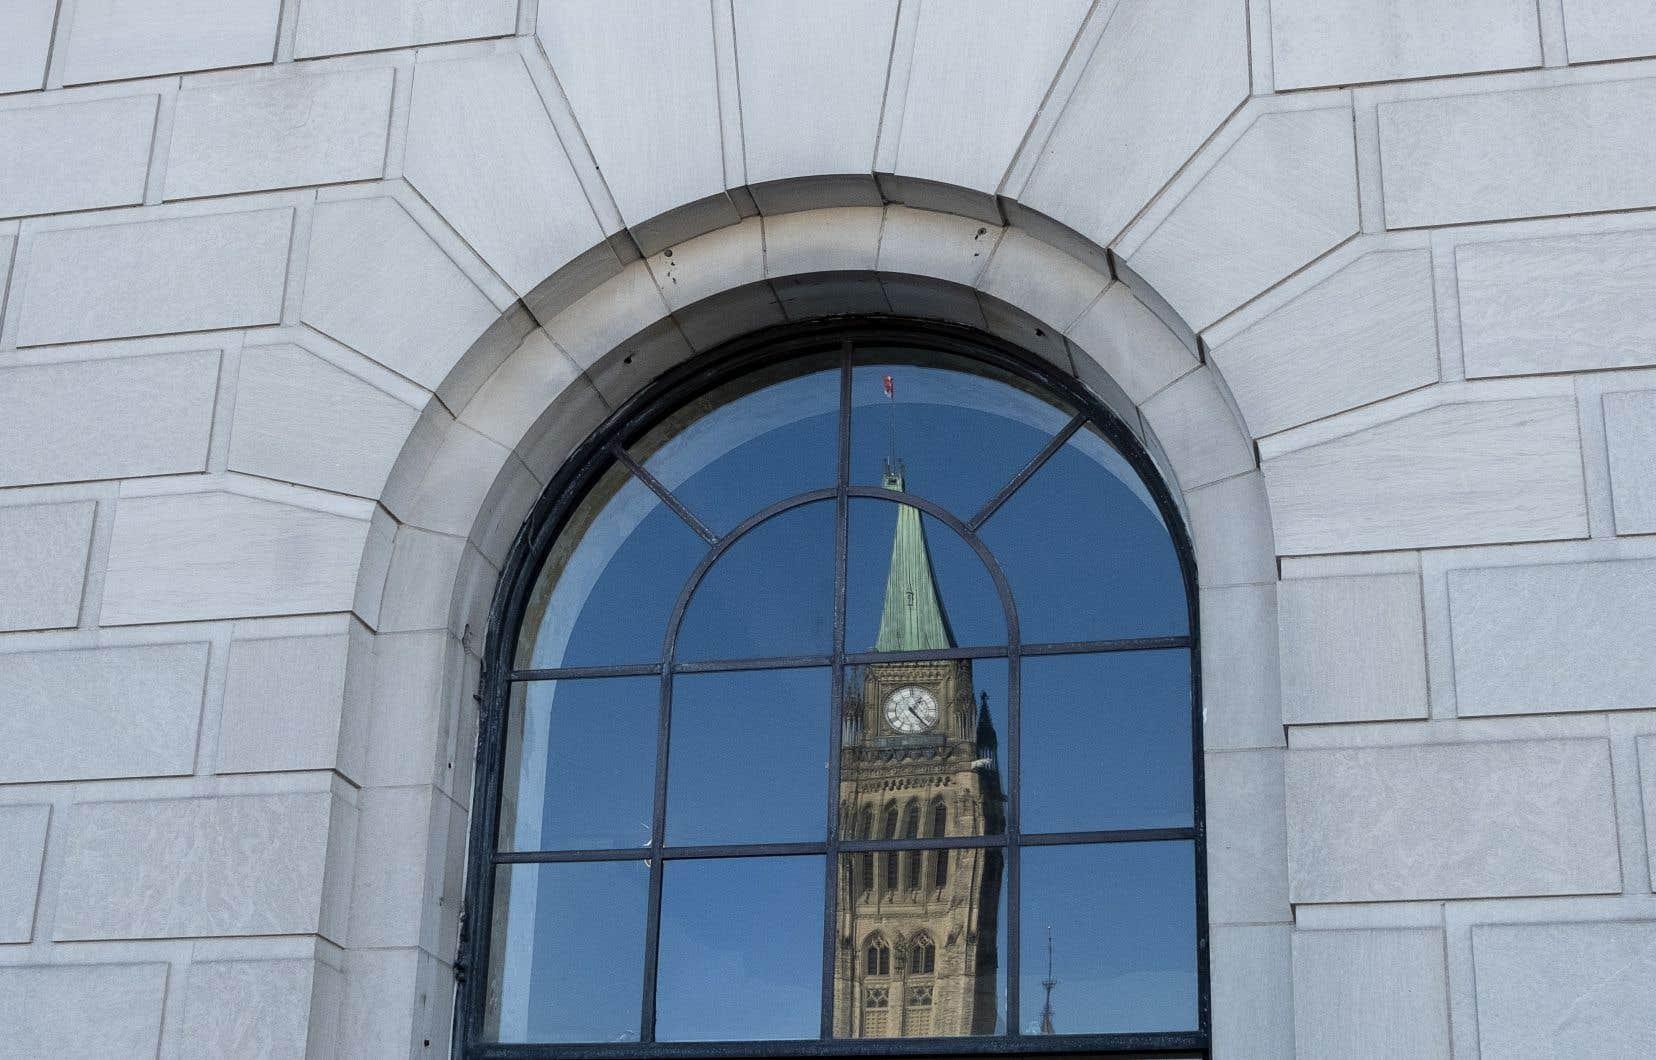 Pour l'élection fédérale d'octobre 2019, la plupart des partis représentés à la Chambre des communes s'engagent à faire des efforts pour avoir le plus de femmes possibles candidates.